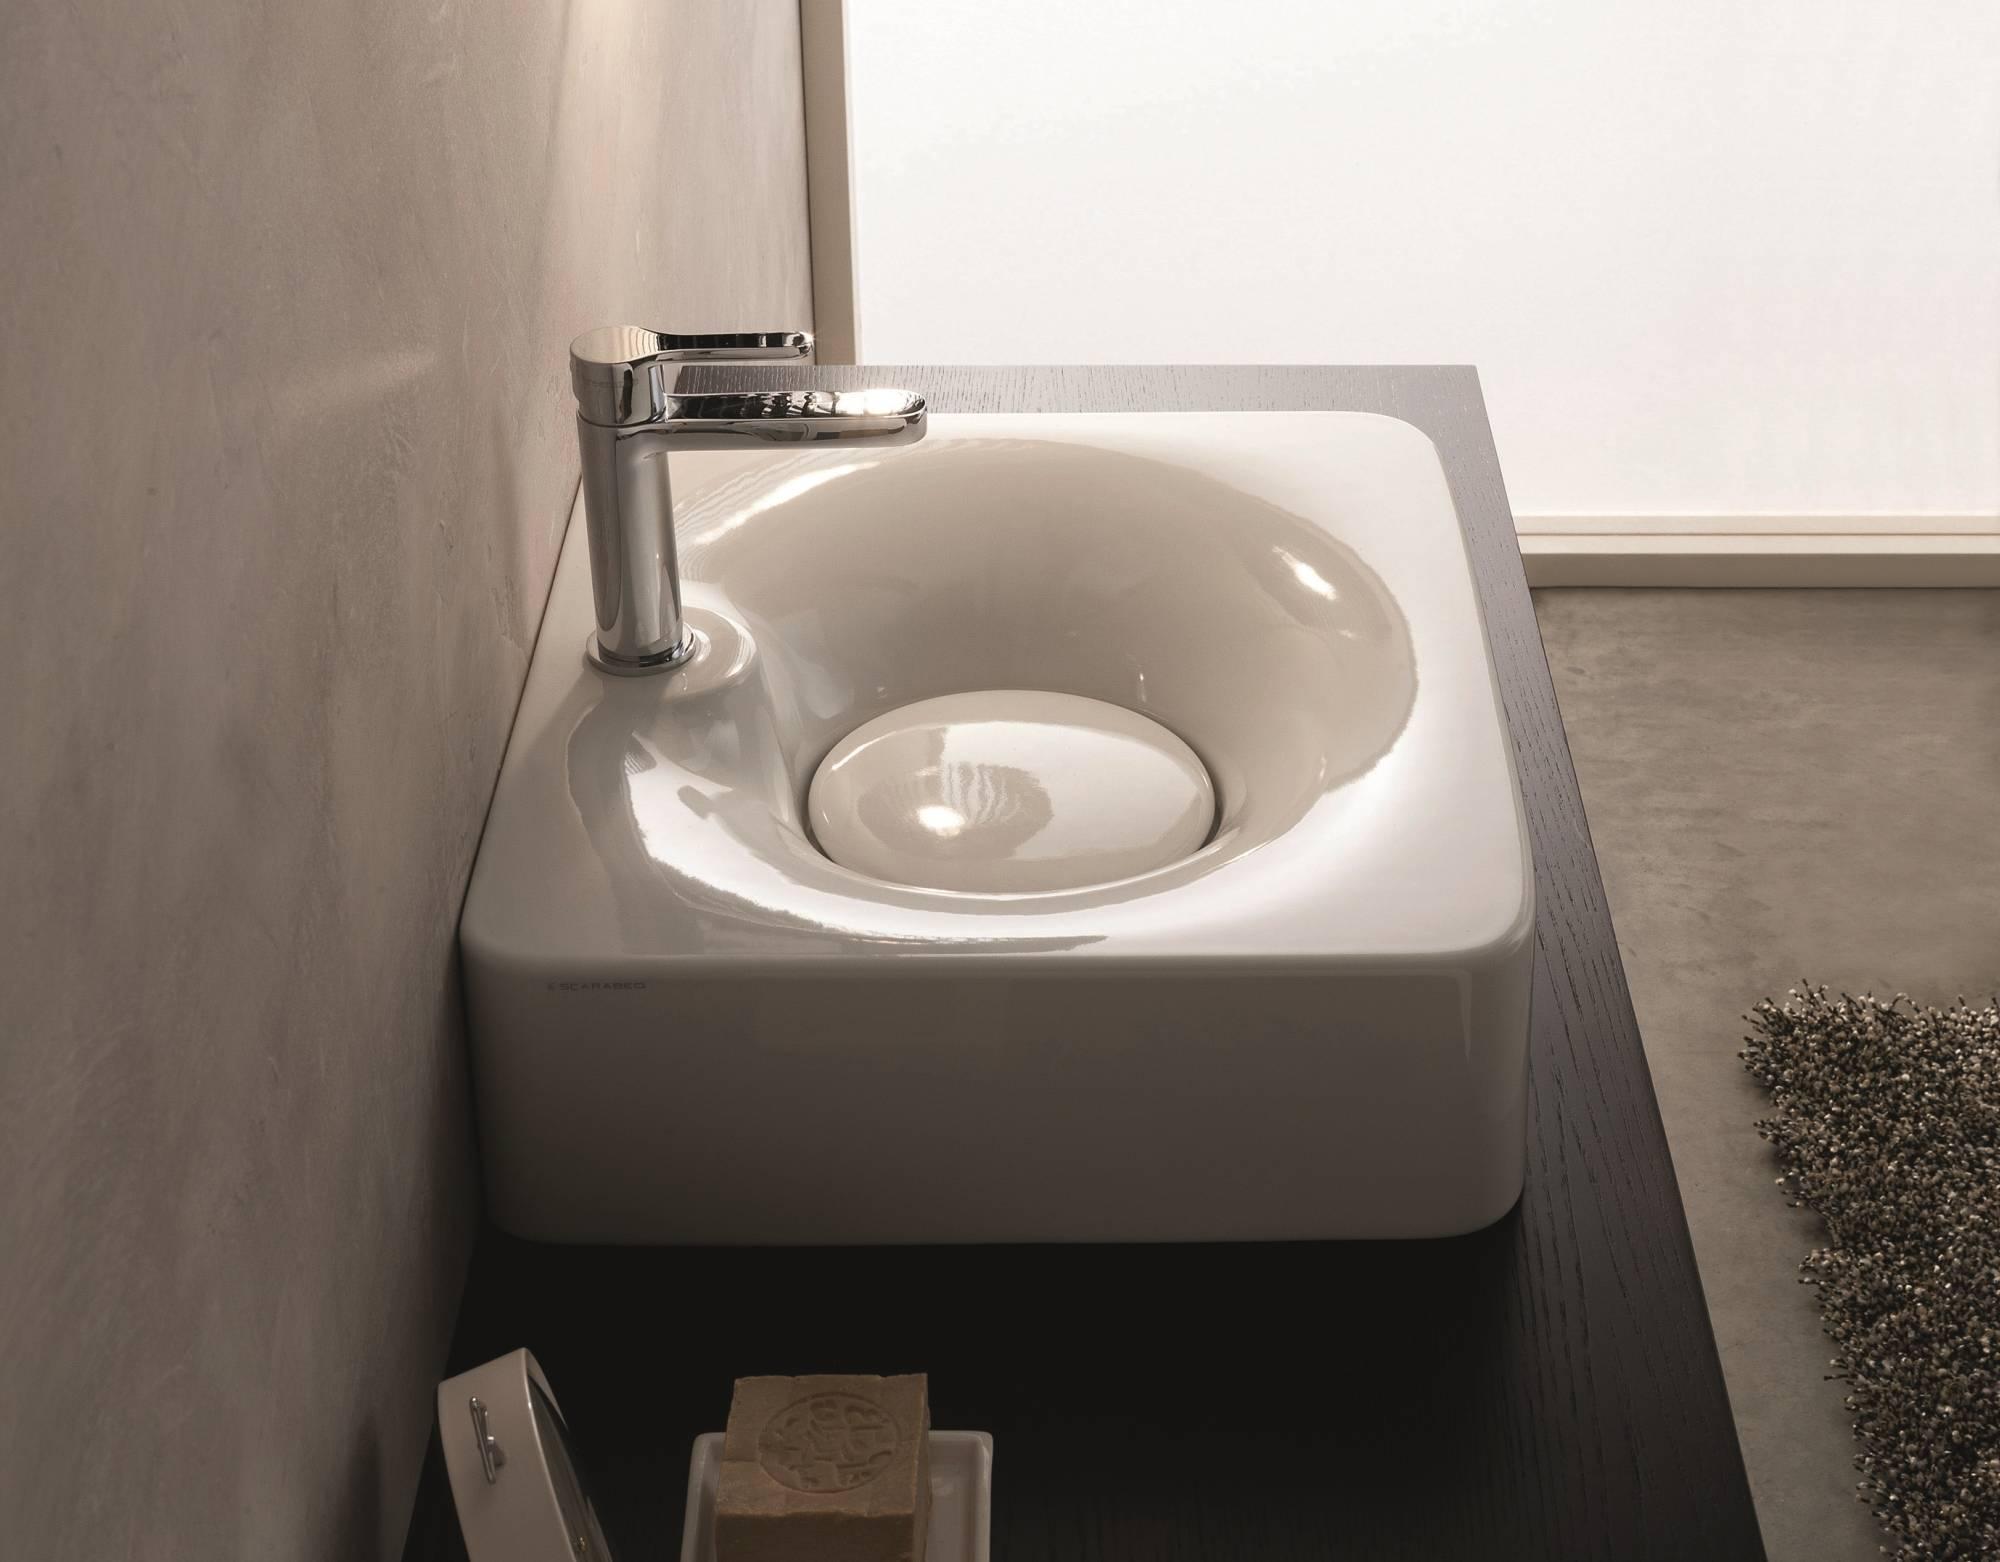 lavabo_da_appoggio_o_sospeso_fuji_6003